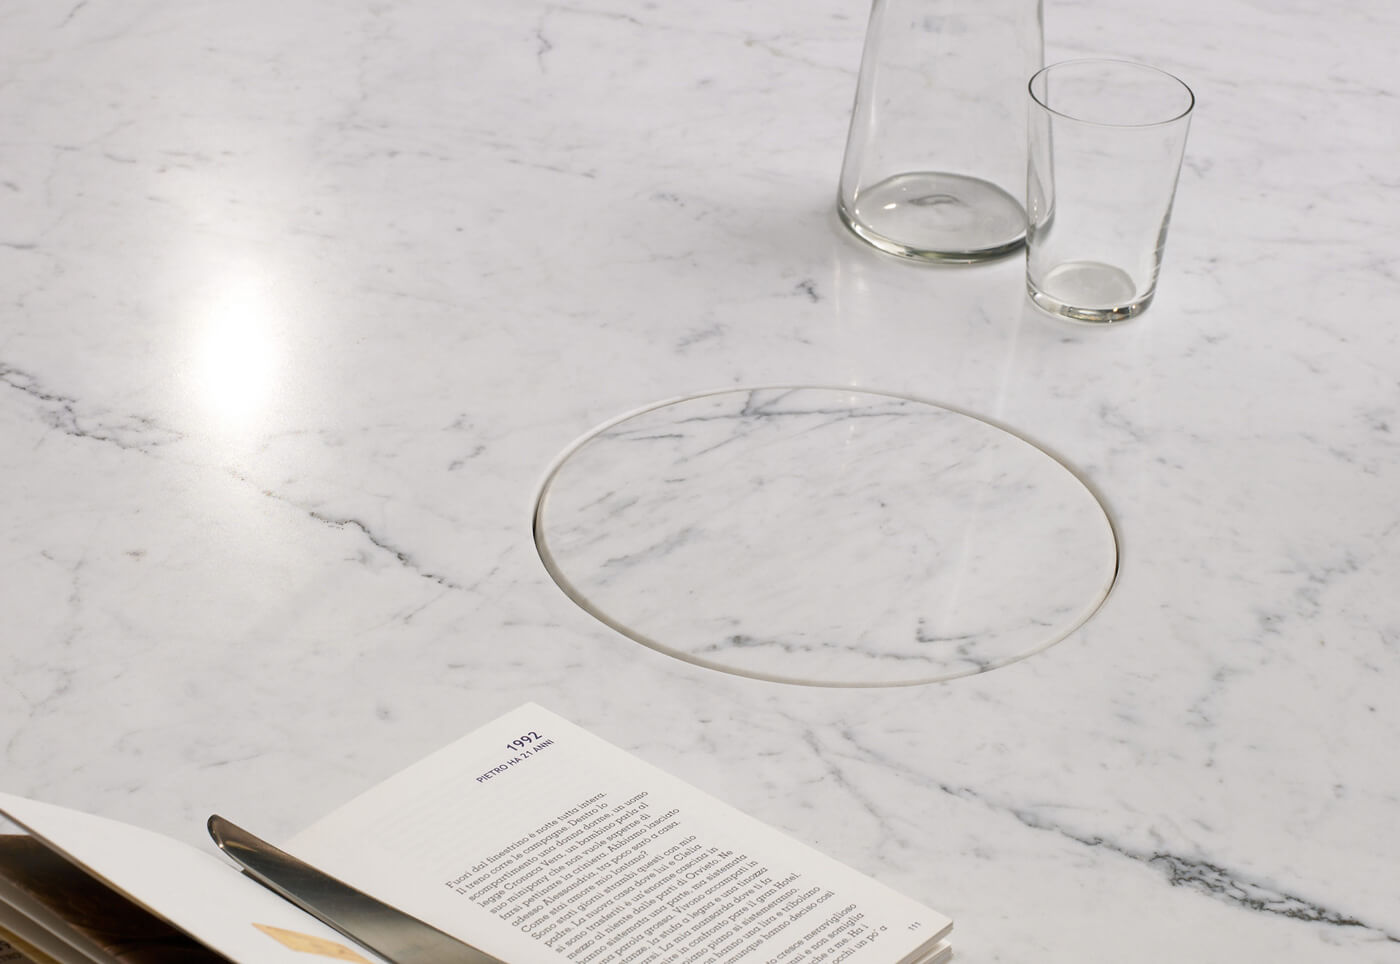 TinnappleMetz-agapecase-mangiarotti-Eros-Round-Side-Table-01